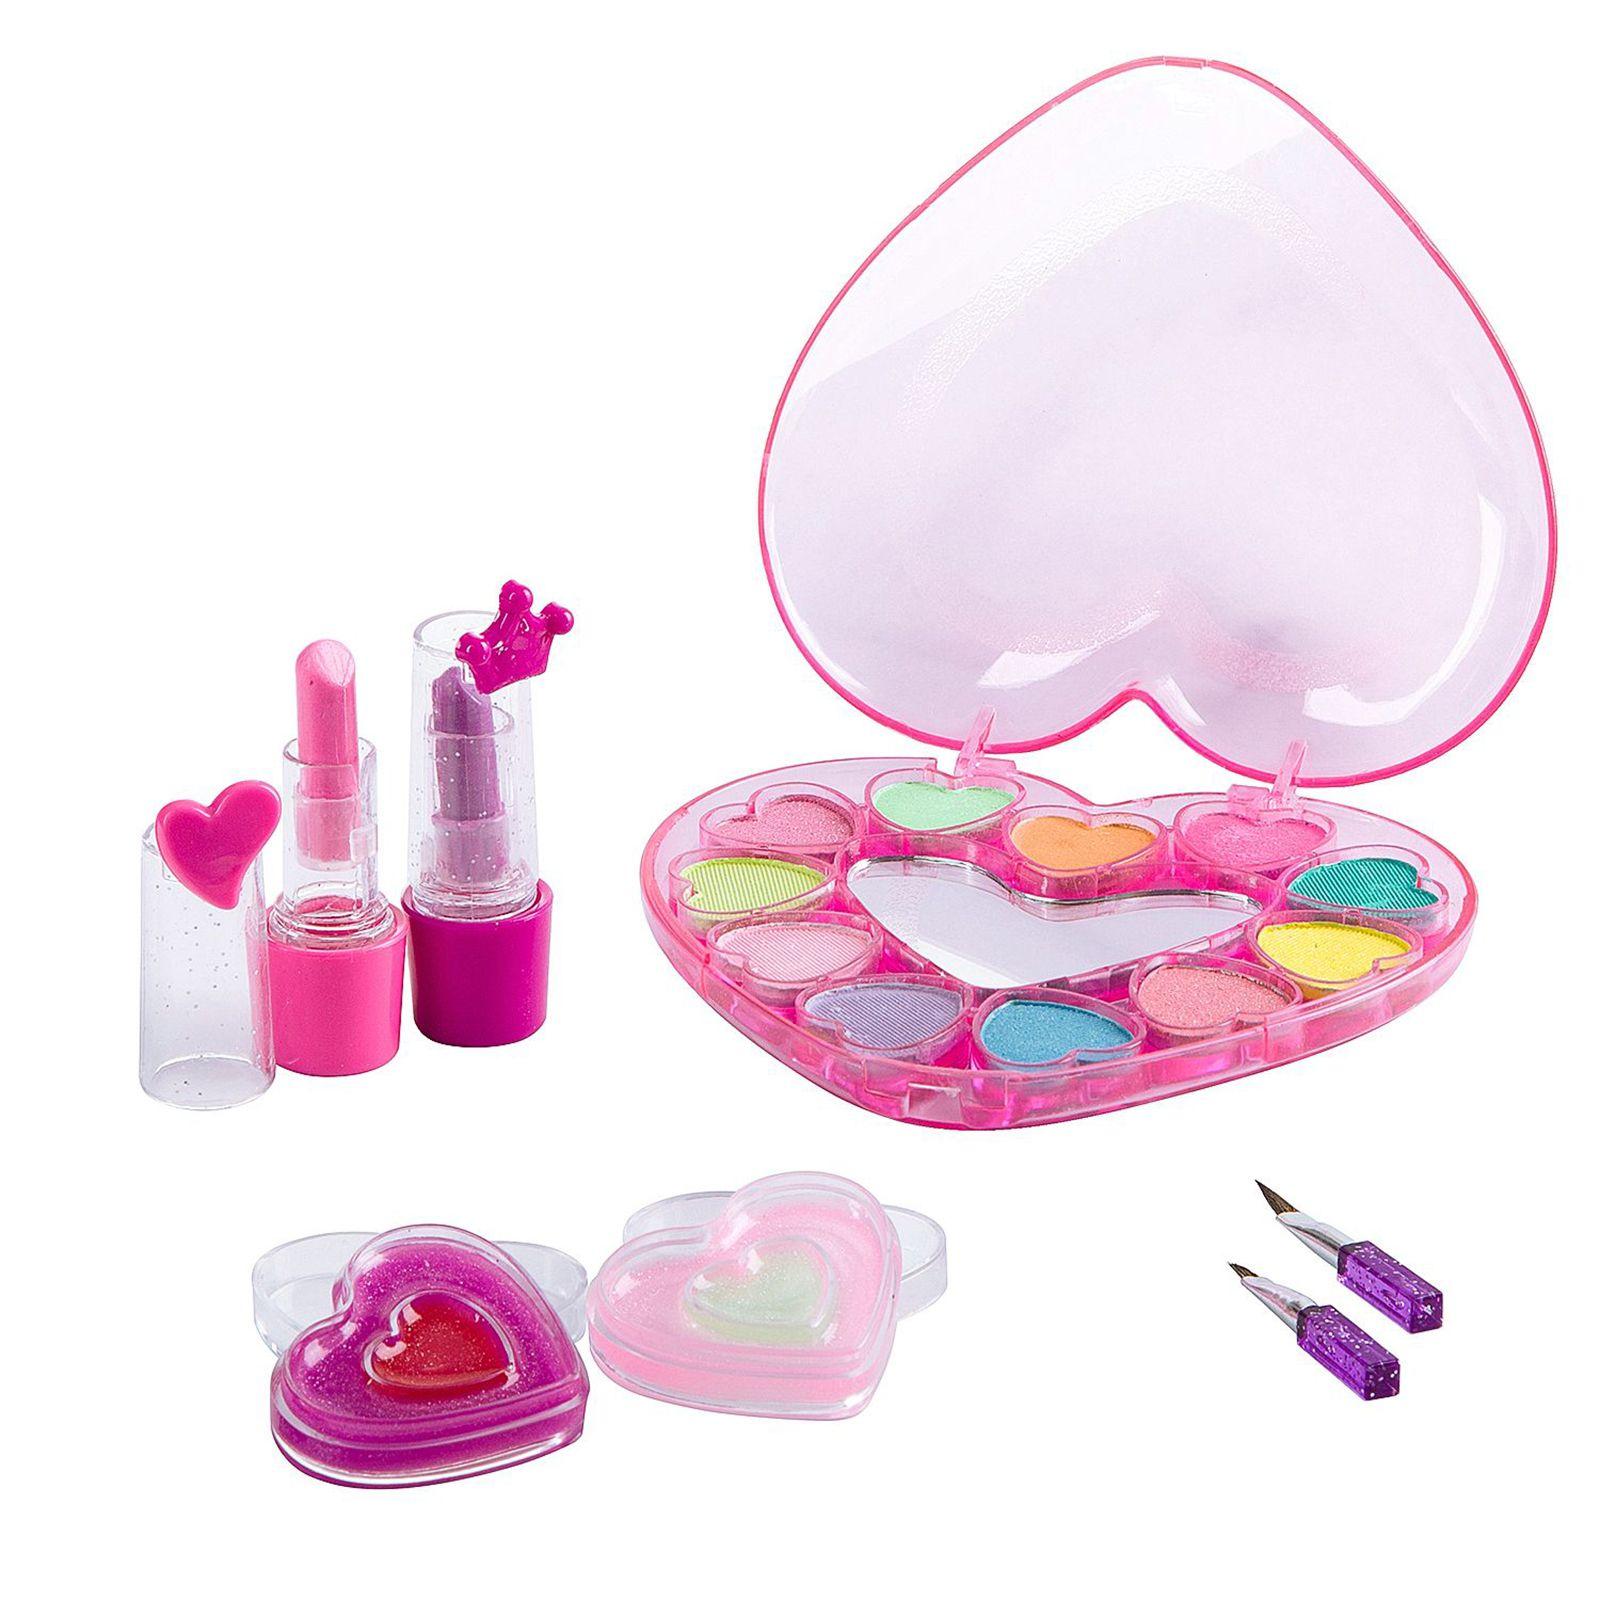 Купить набор декоративная косметика для девочек купить reviderm косметика